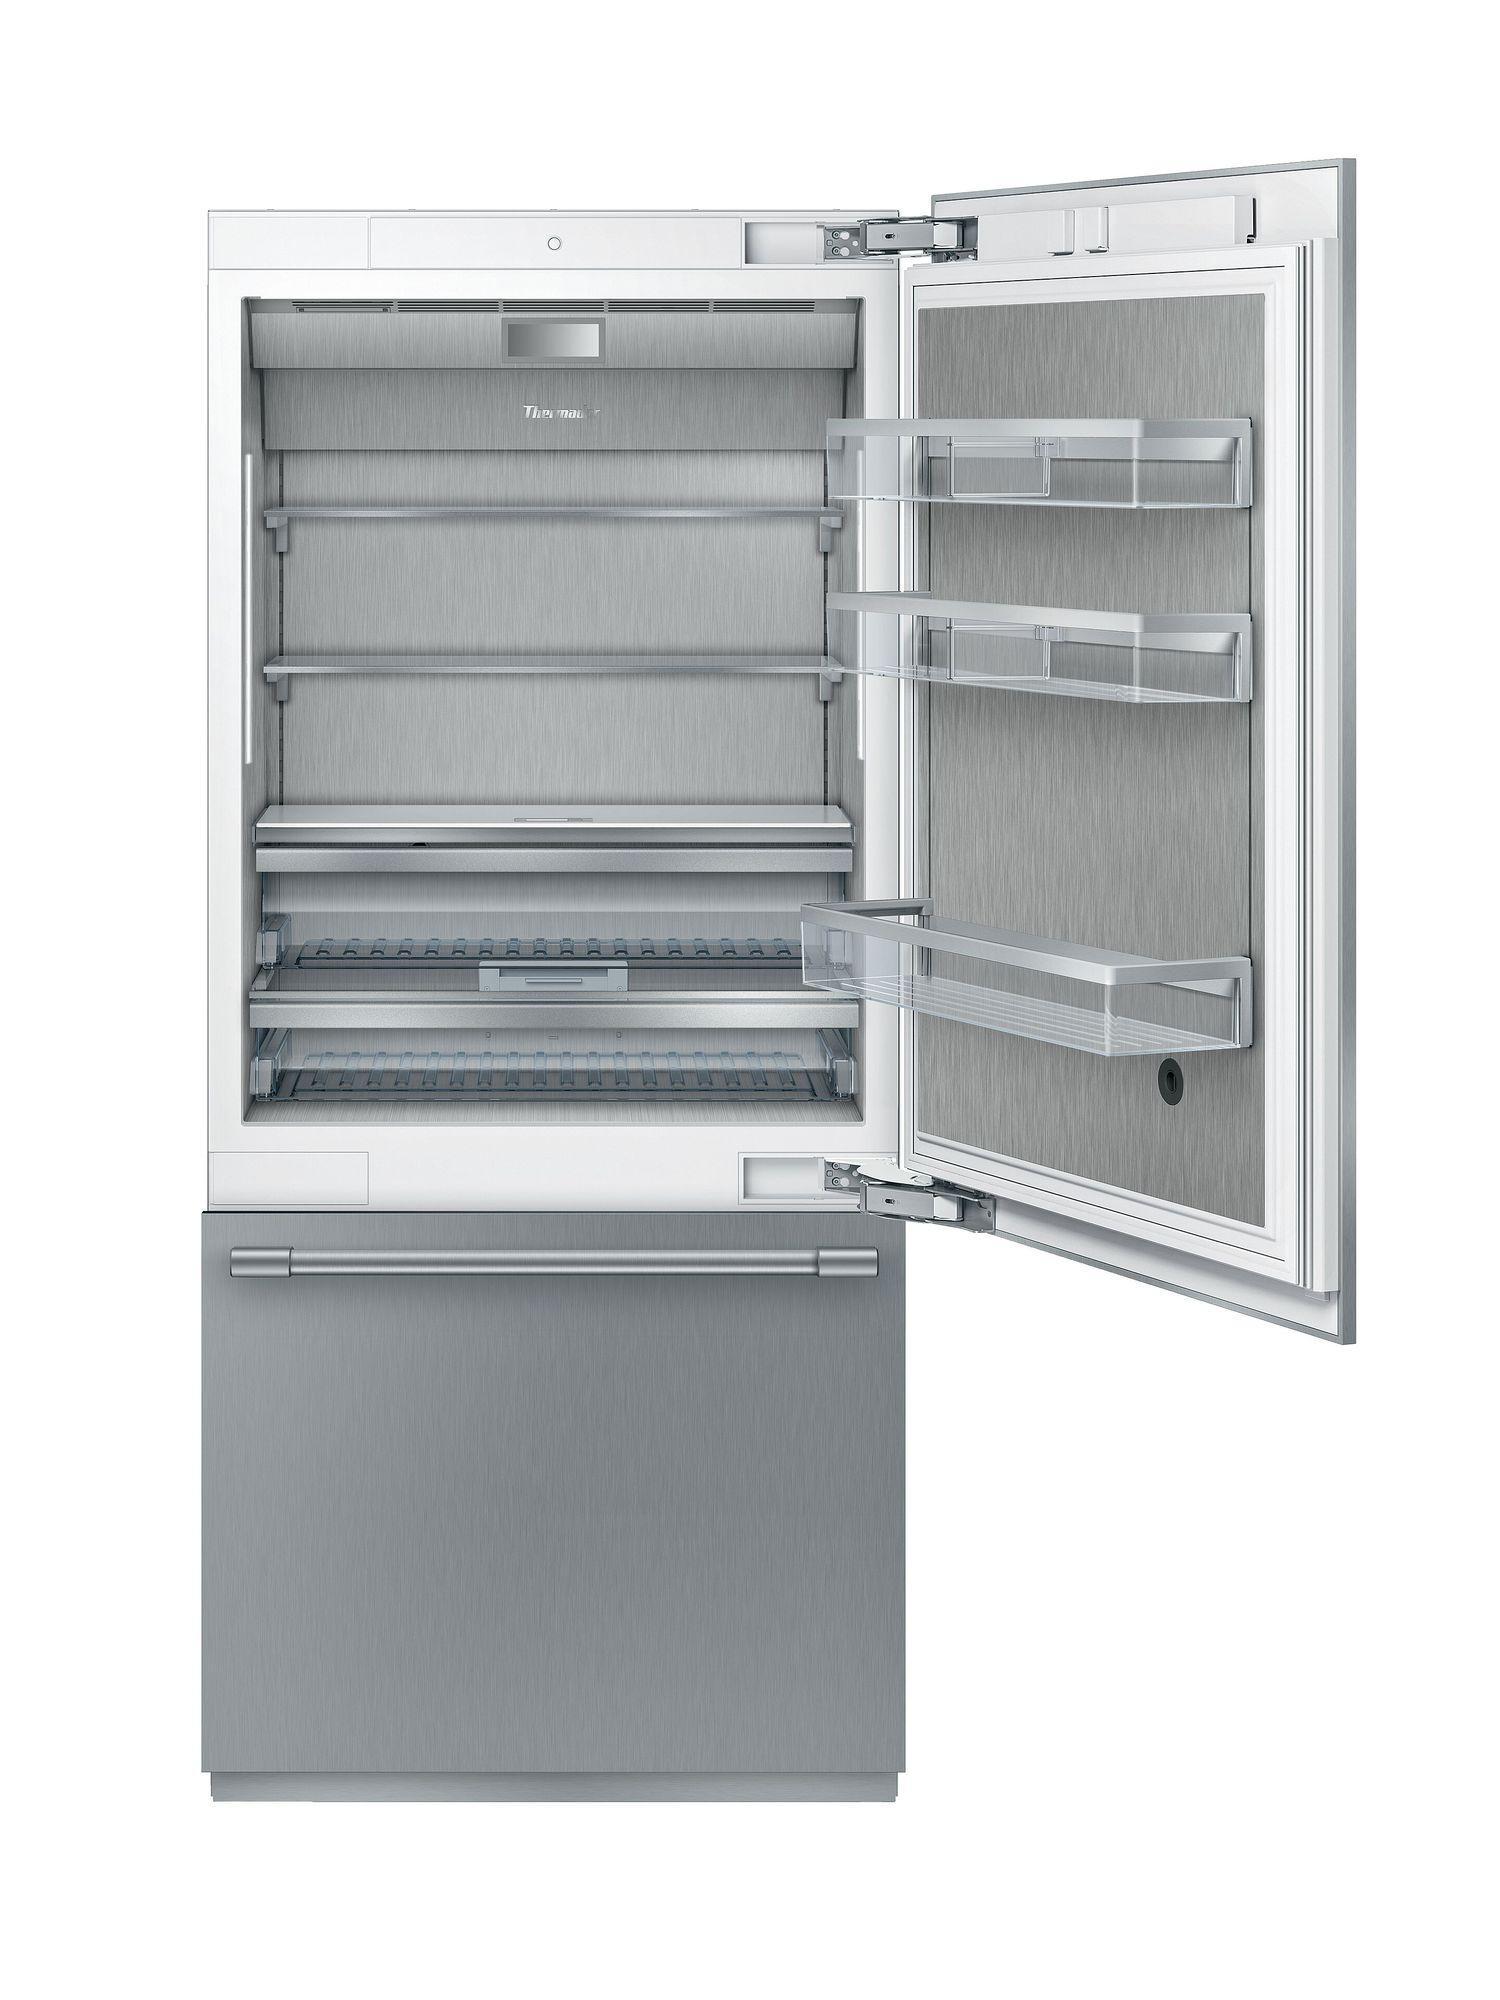 Built-in Two Door Bottom Freezer 36'' T36IB905SP